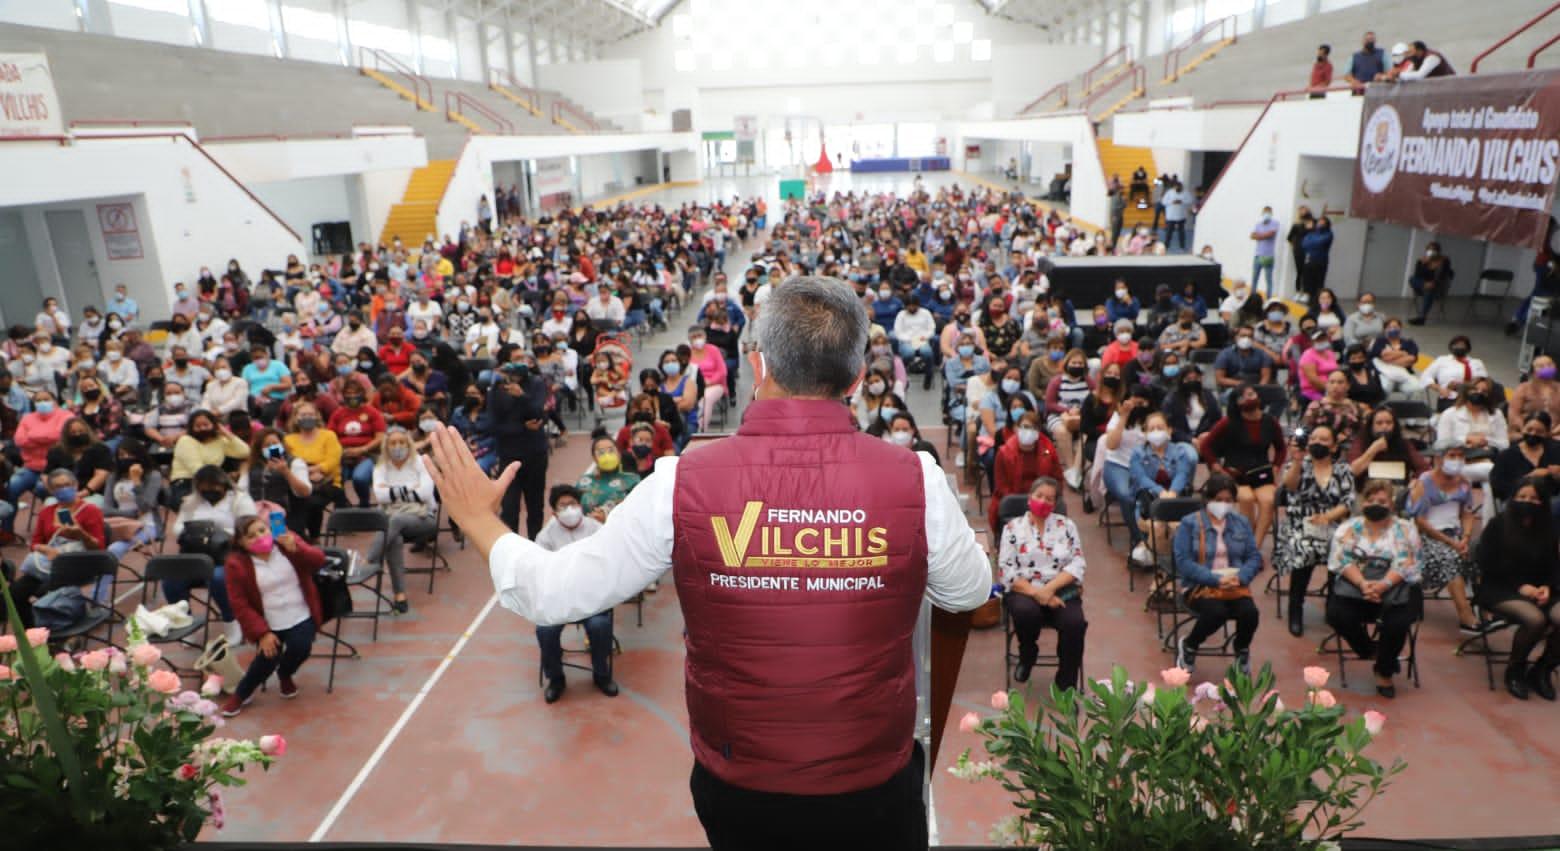 Anuncia Fernando Vilchis Escuela de Empoderamiento para Mujeres de Ecatepec